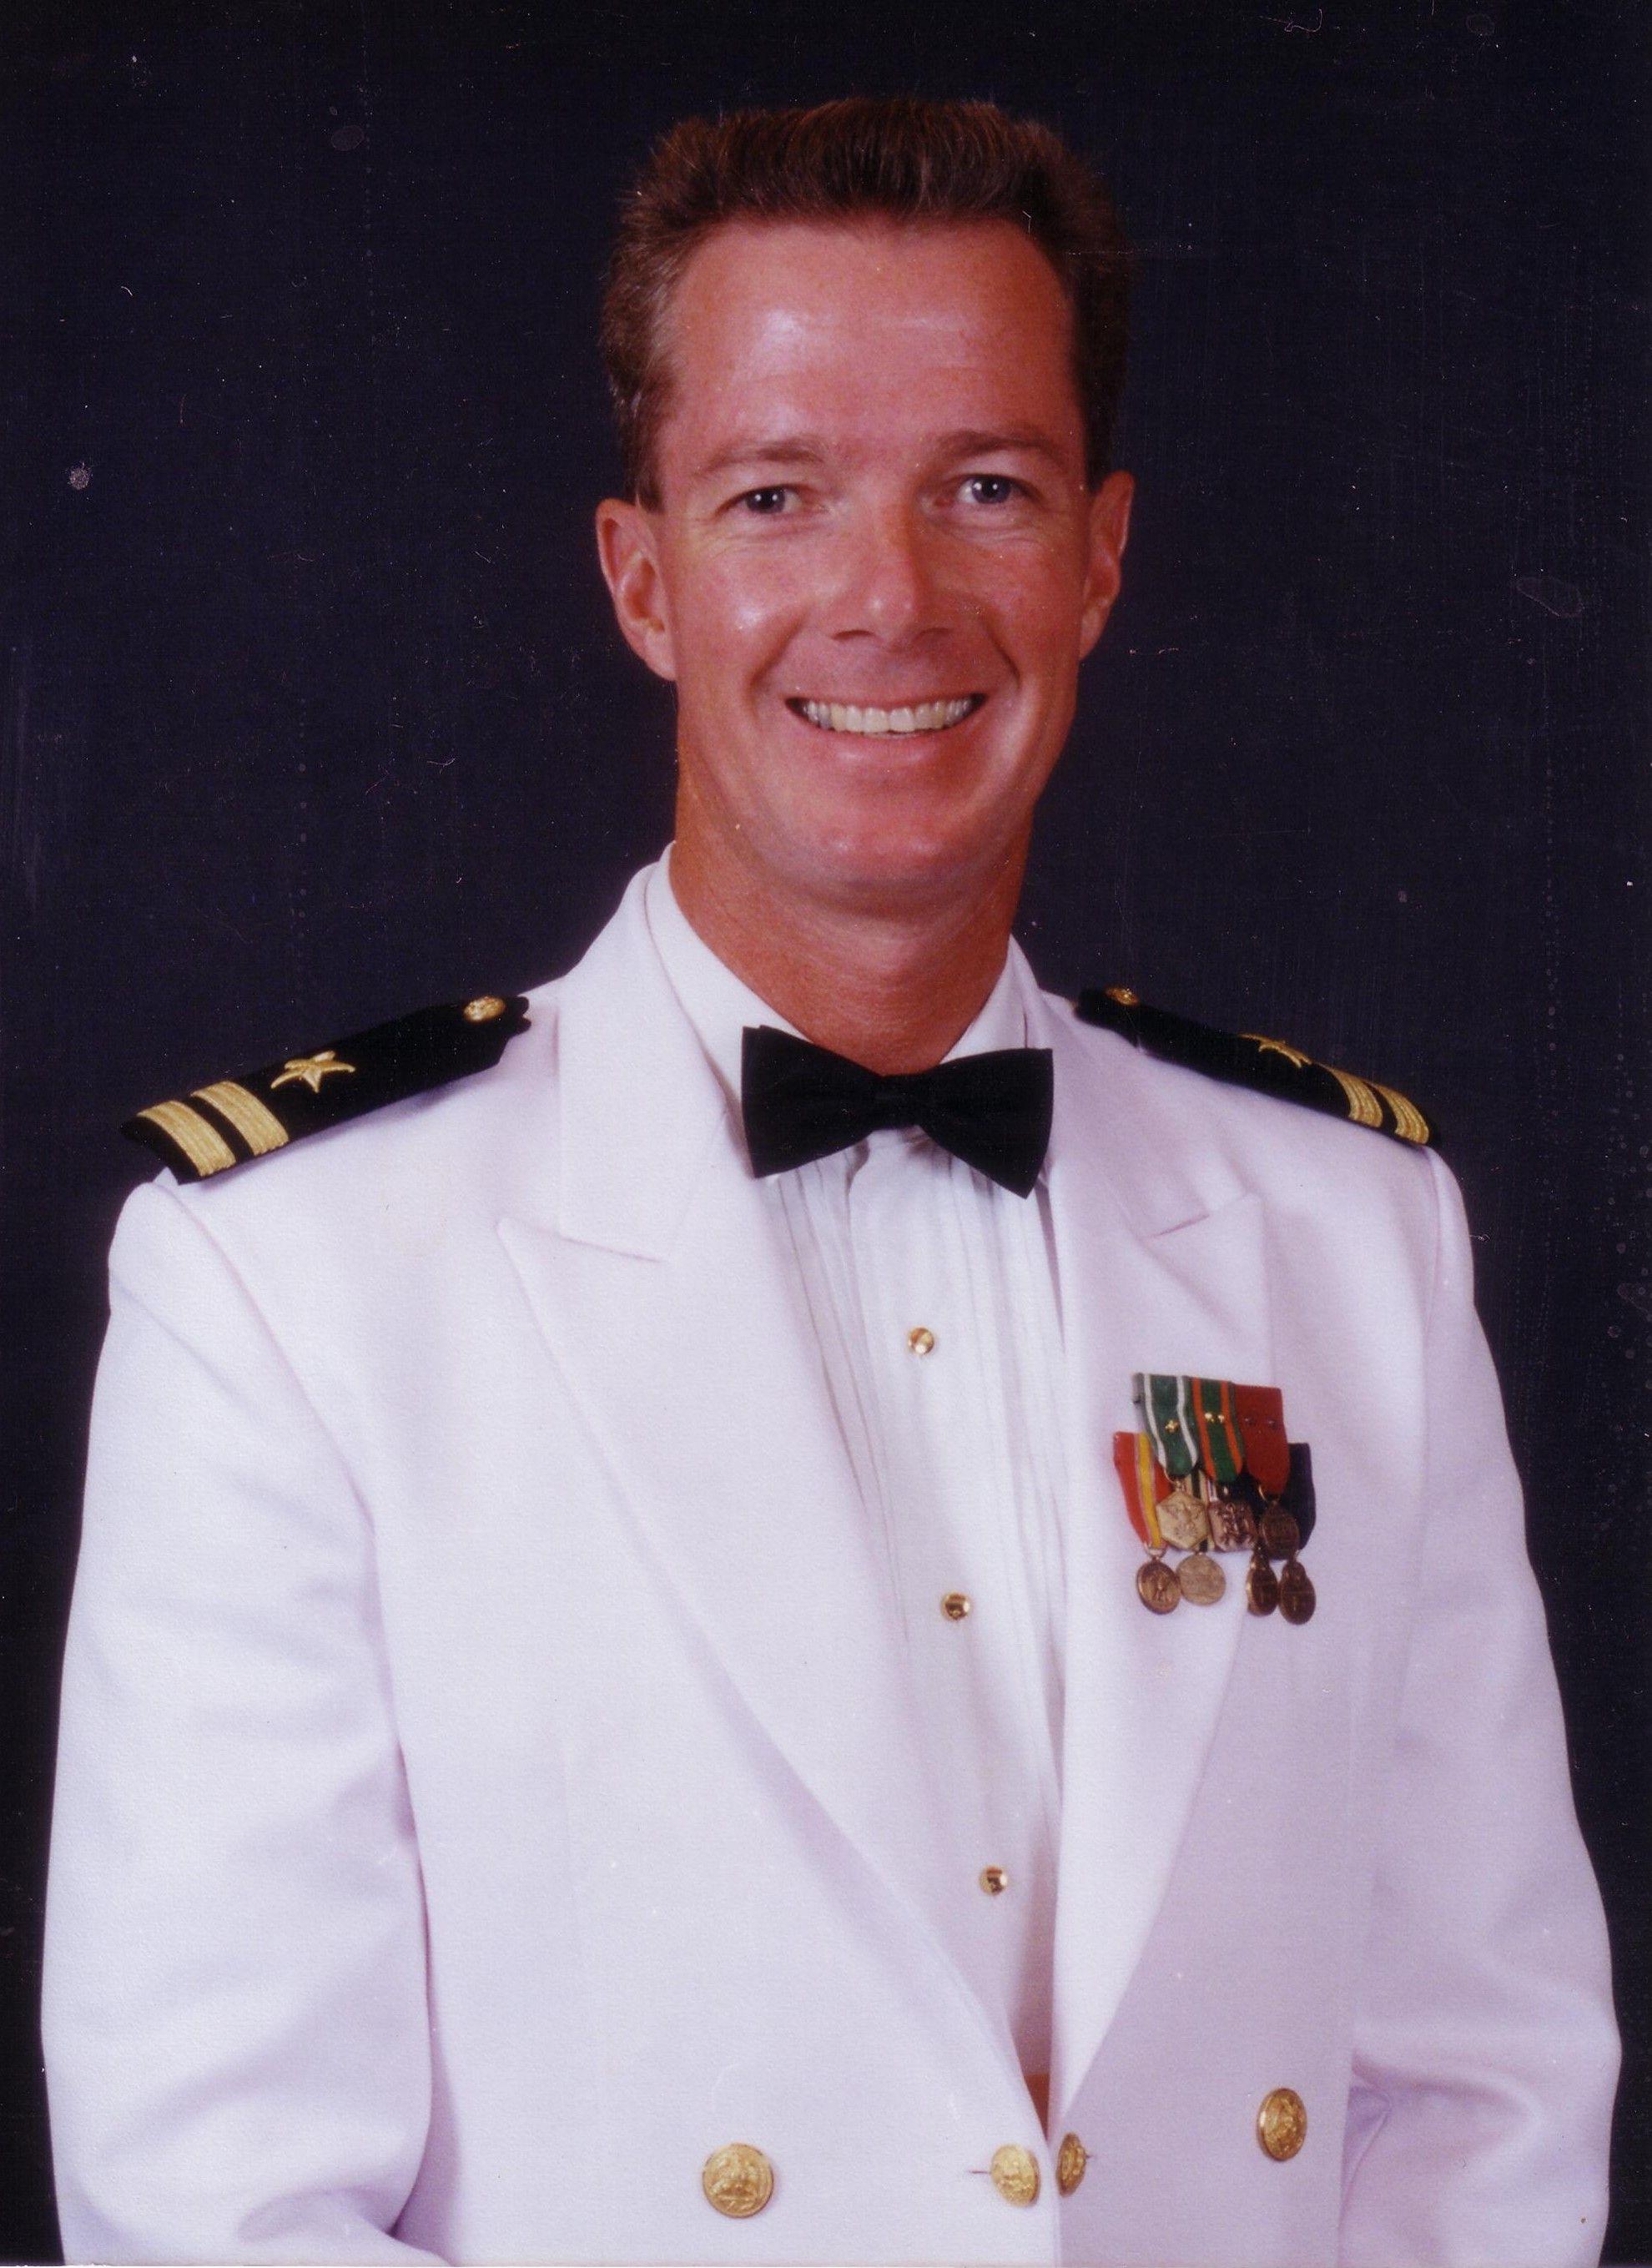 Dinner Dress Whites For The Navy Ball In Singapore In 1996 Navy Ball Navy Careers Dinner Dress